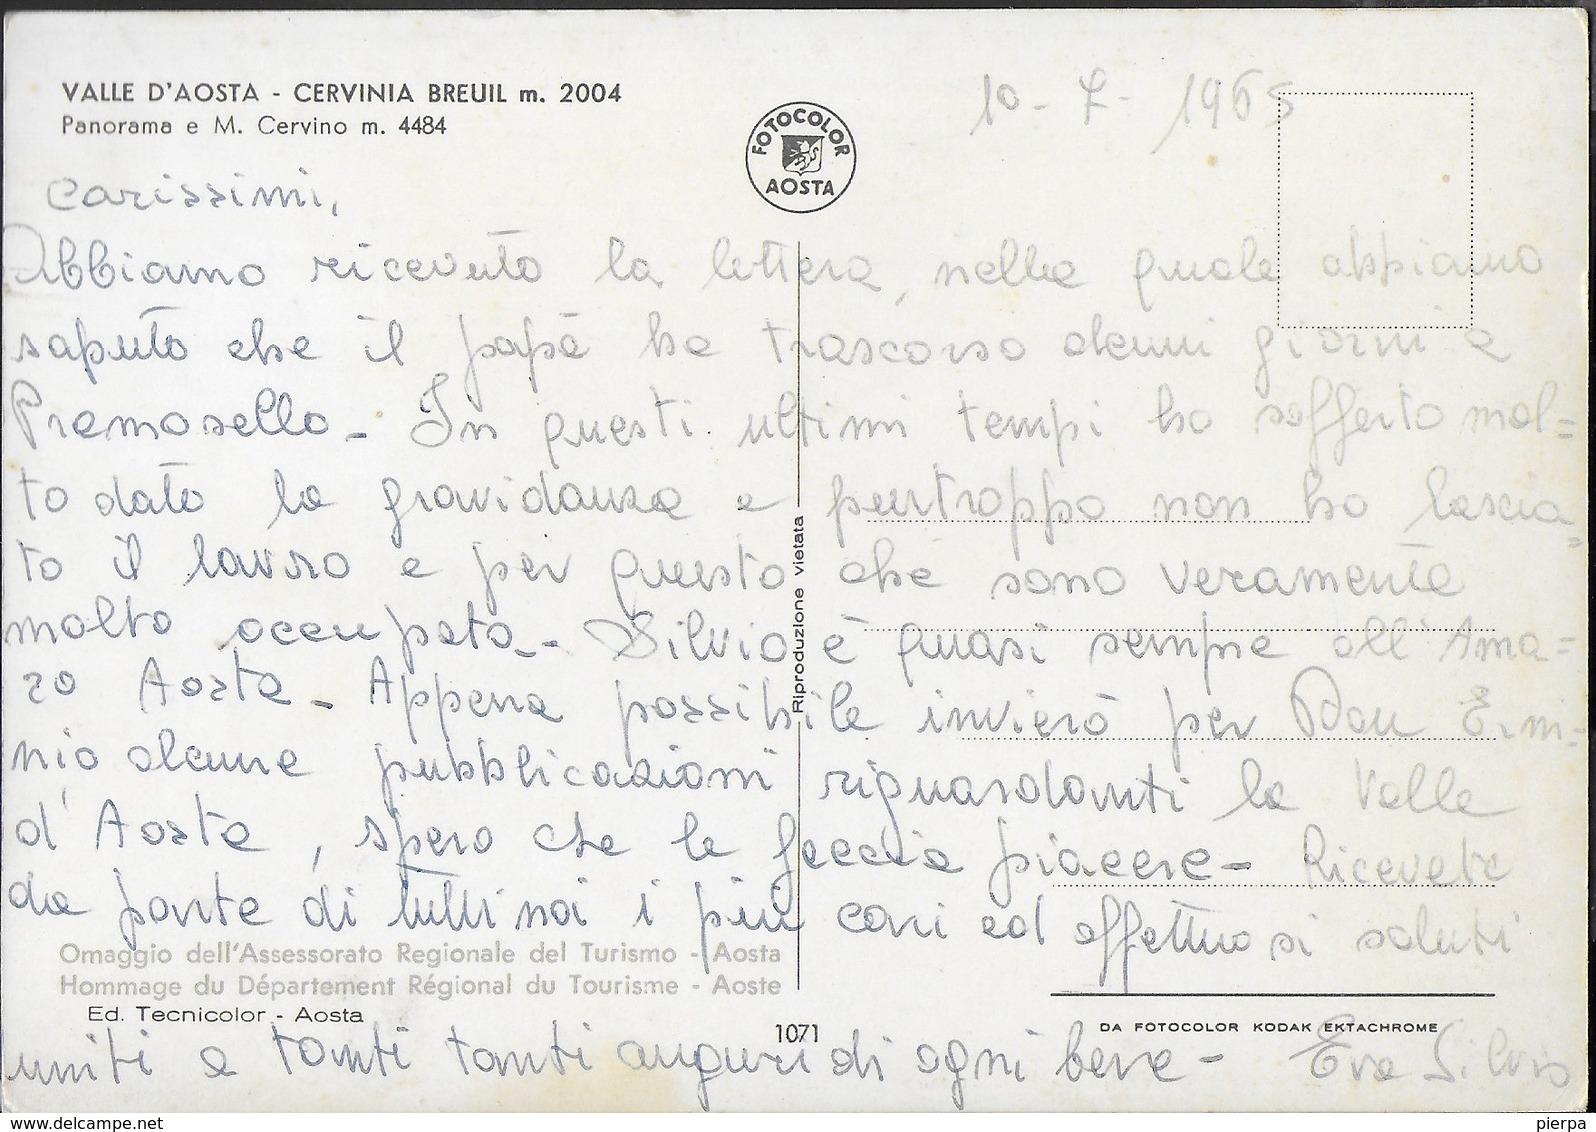 VALLE D'AOSTA - CERVINIA - BREUIL - PANORAMA - SCRITTA AL RETRO E DATATA 1965 - Altre Città